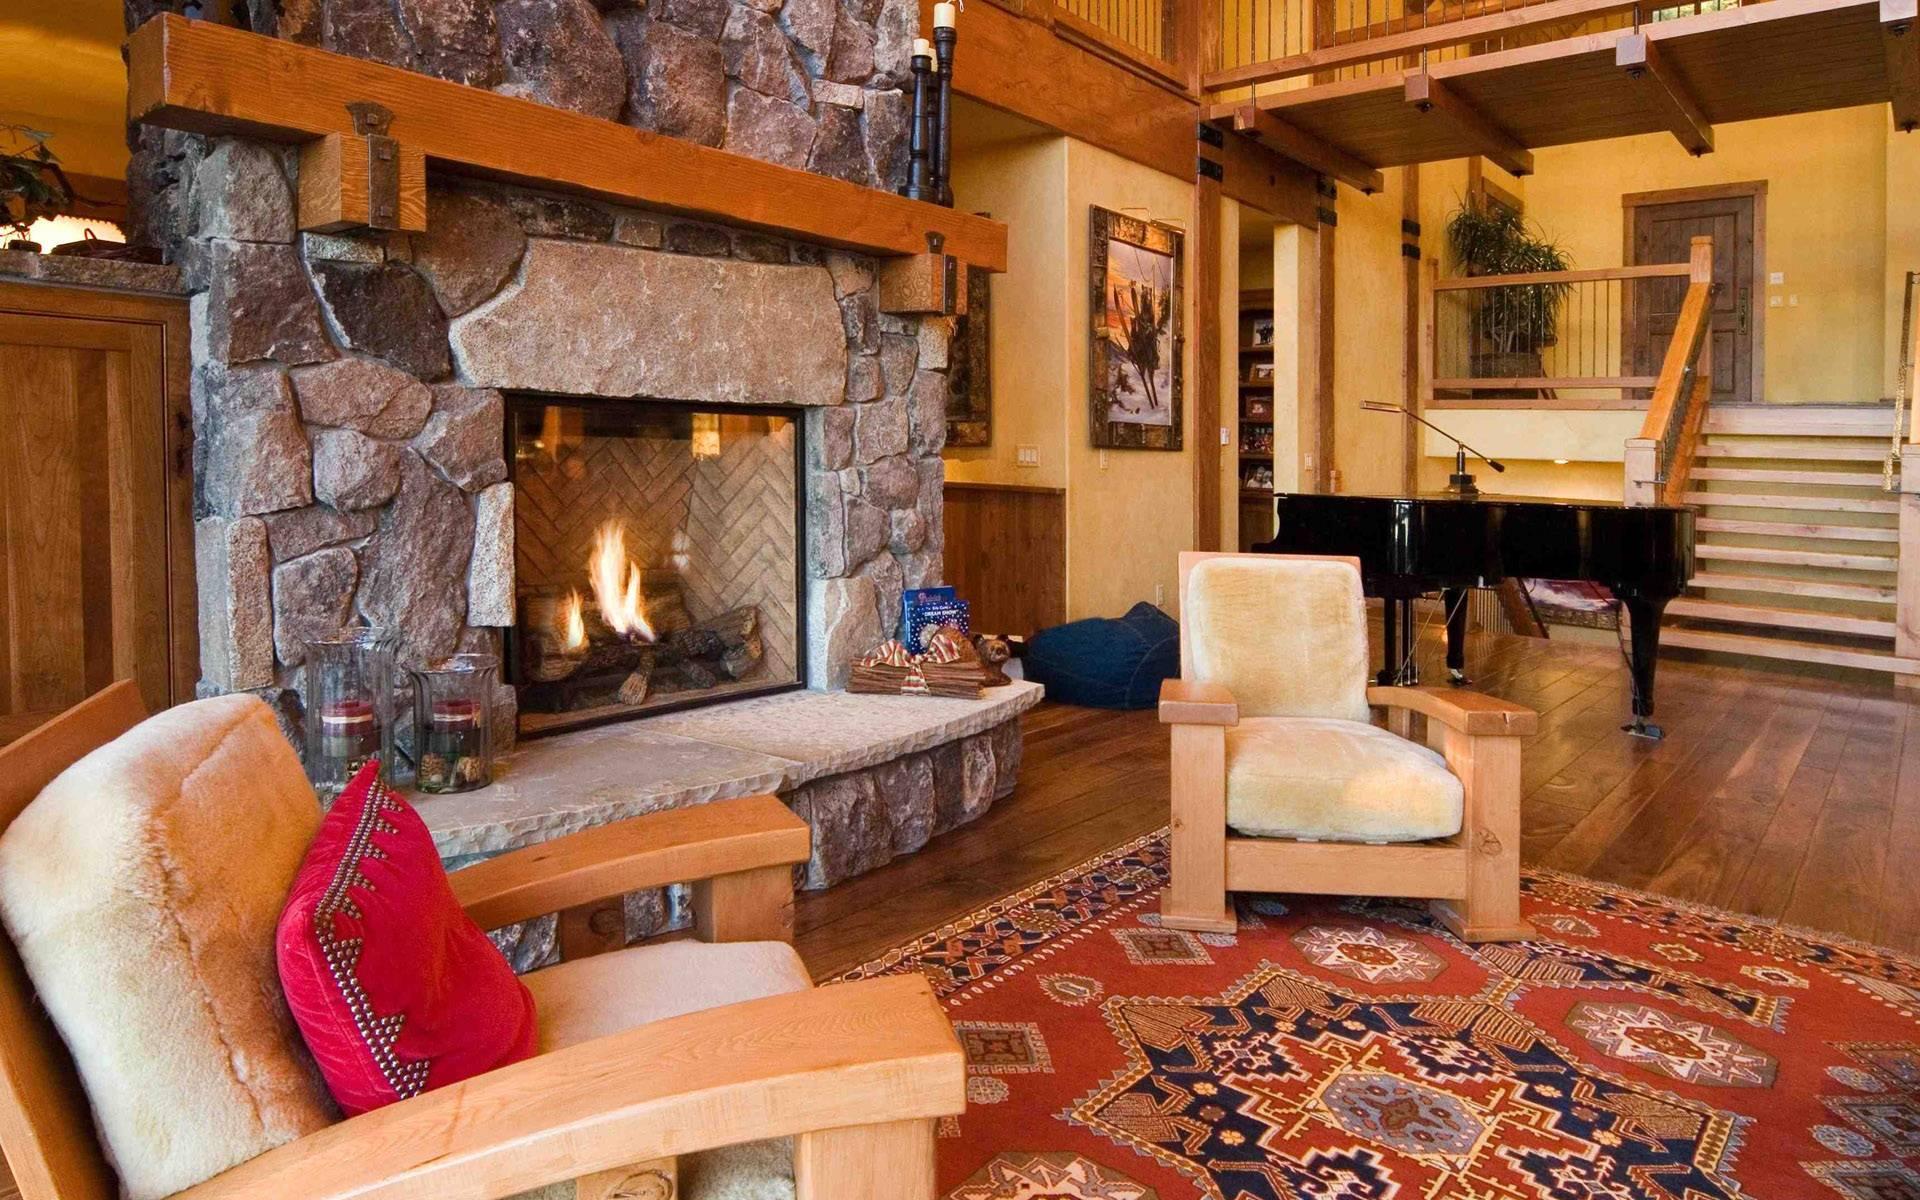 Топ-10 лучших печей-каминов для дома на дровах: рейтинг 2019-2020 года угловых и кирпичных моделей, а также характеристики